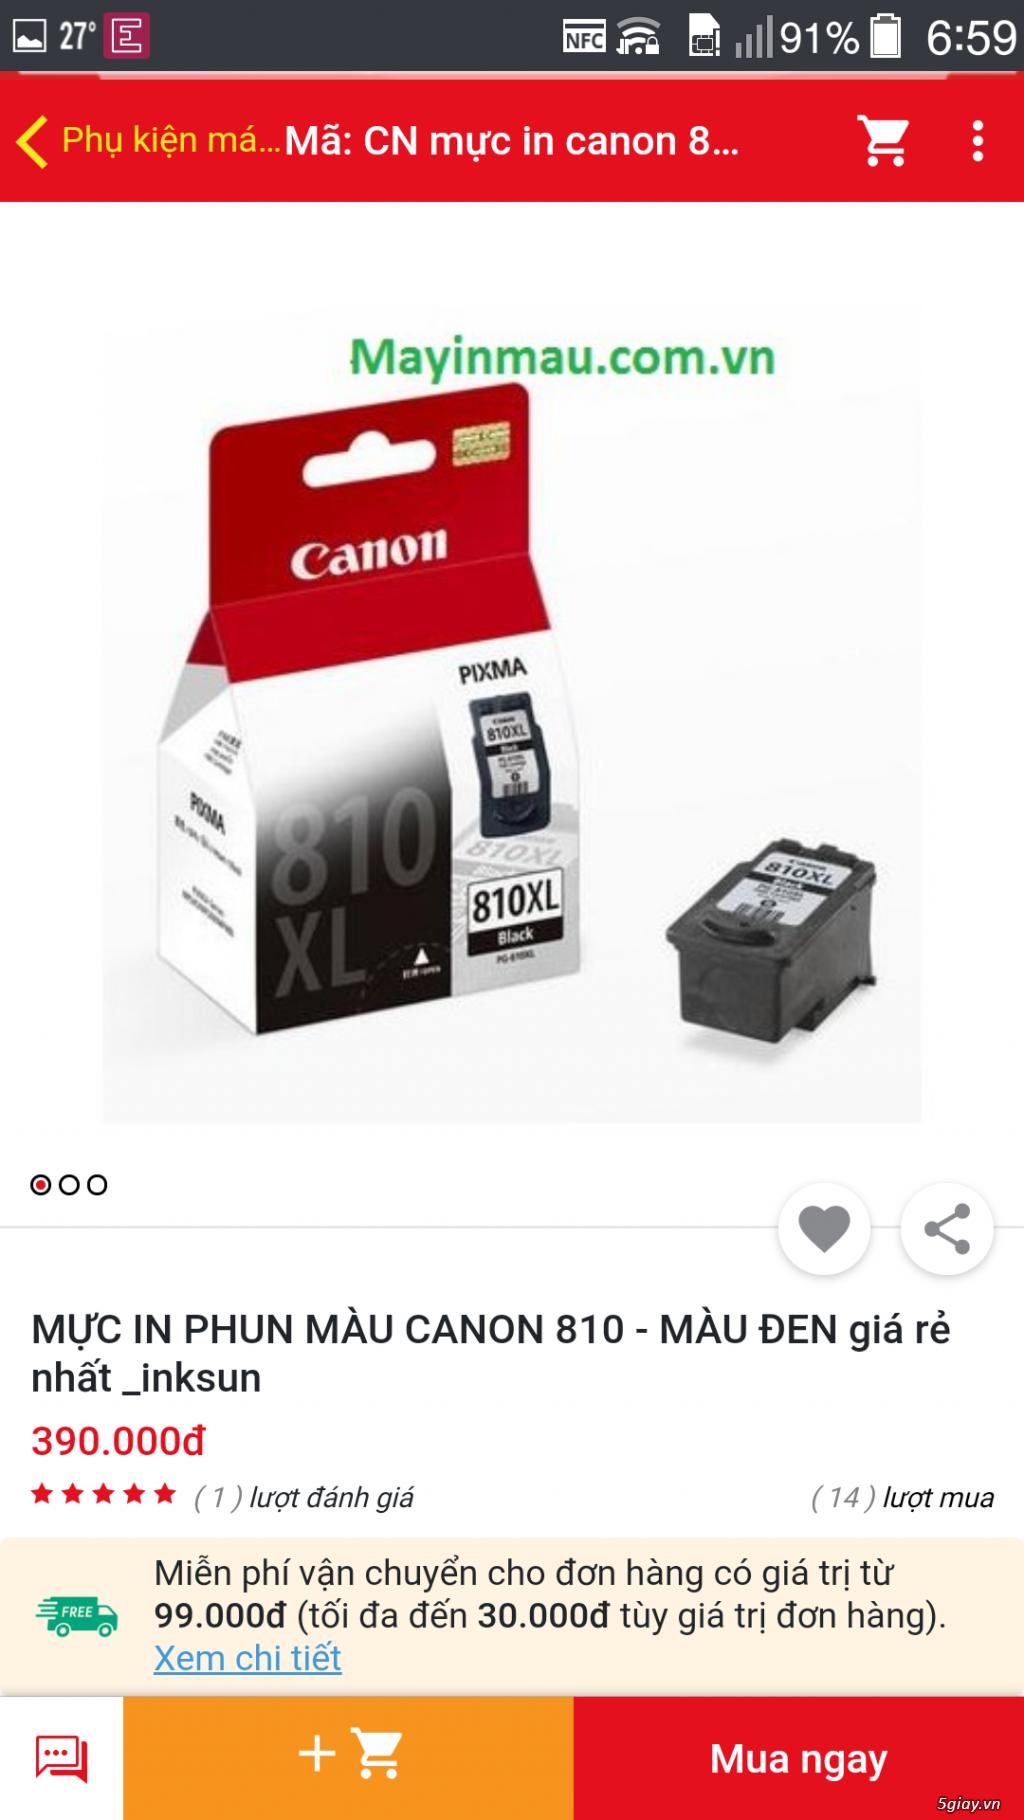 Bán máy in phun giá rẻ - 4